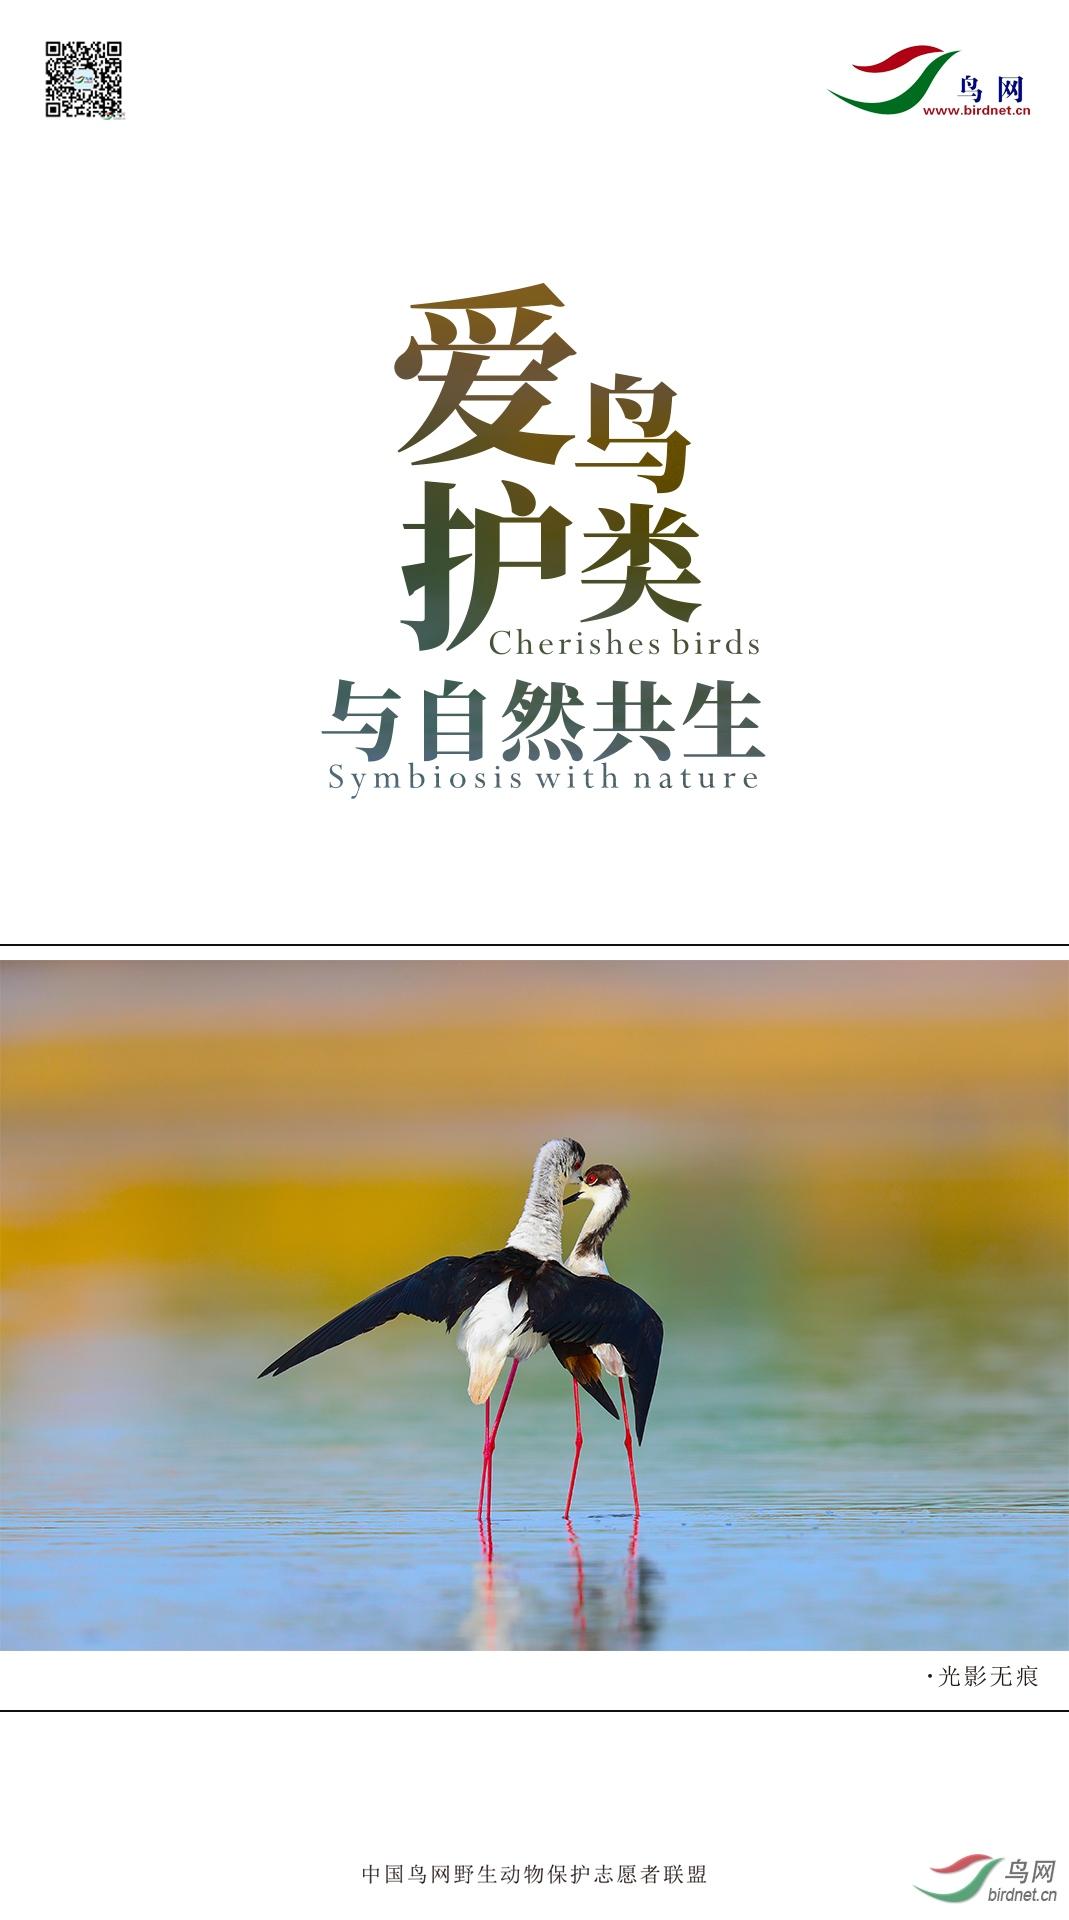 绿洲----爱护鸟类2(1).jpg